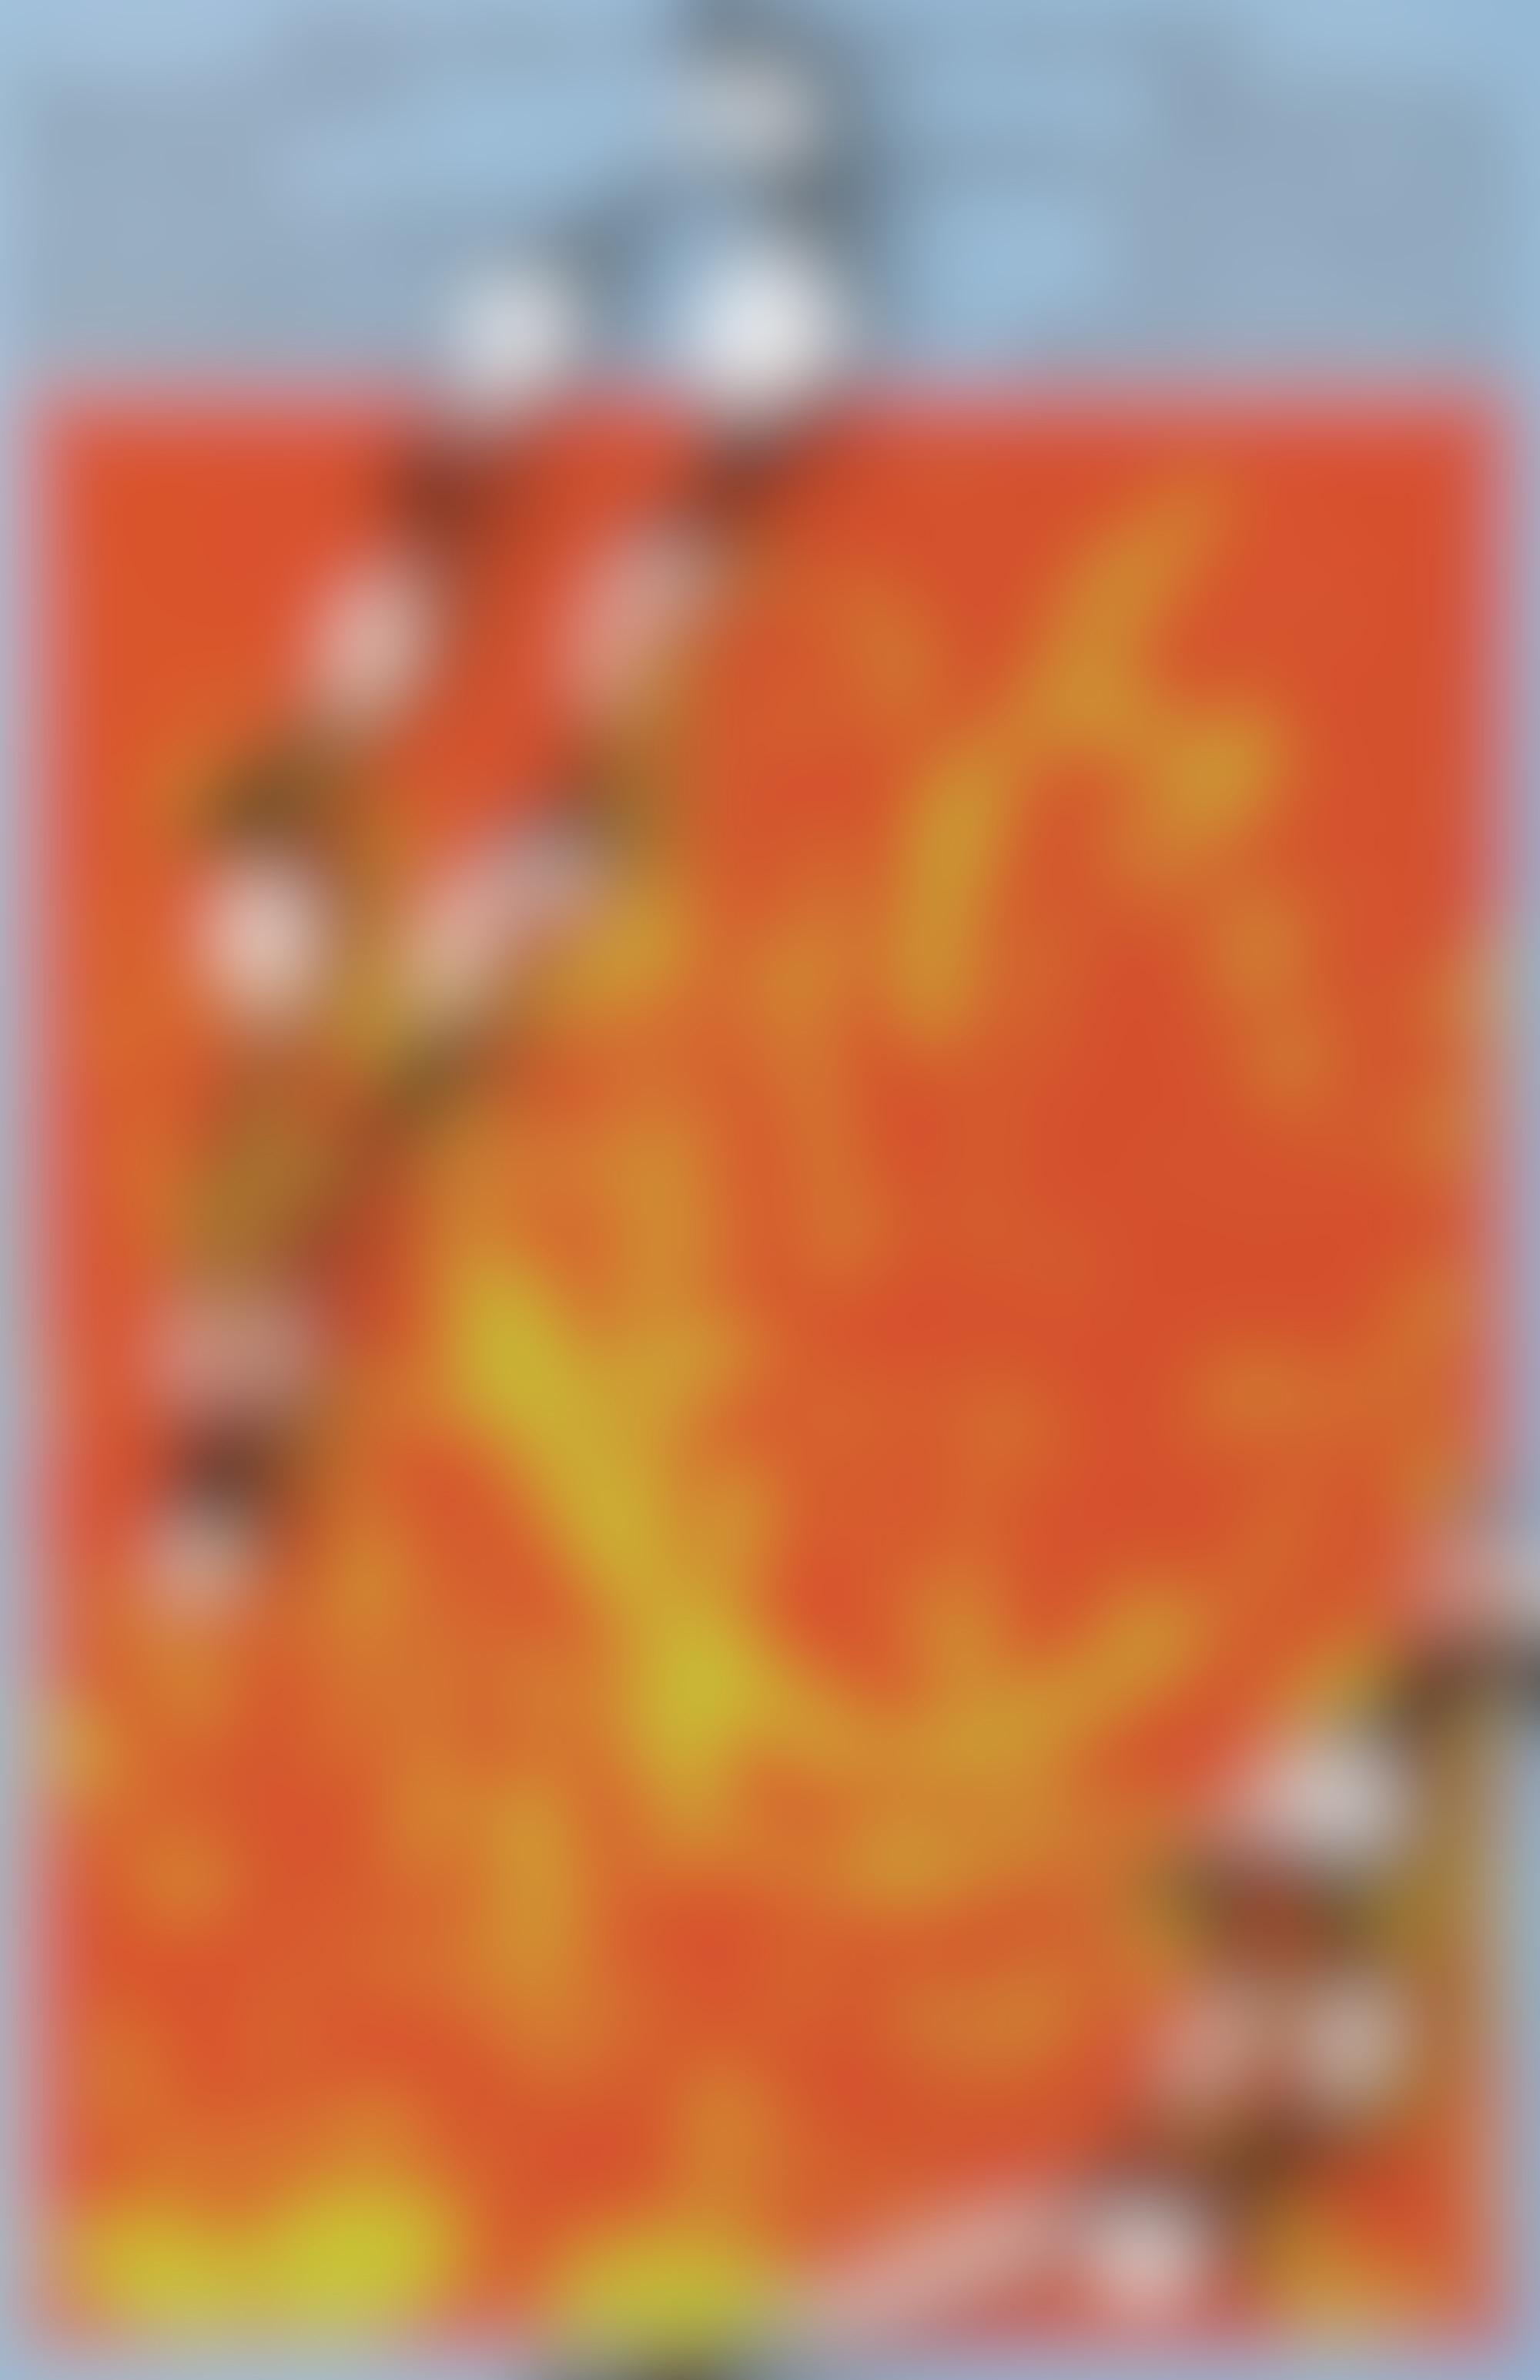 Actress web autocompressfitresizeixlibphp 1 1 0max h2000max w3 D2000q80s897baf69a3ddb871f7261a4c4354fe3d